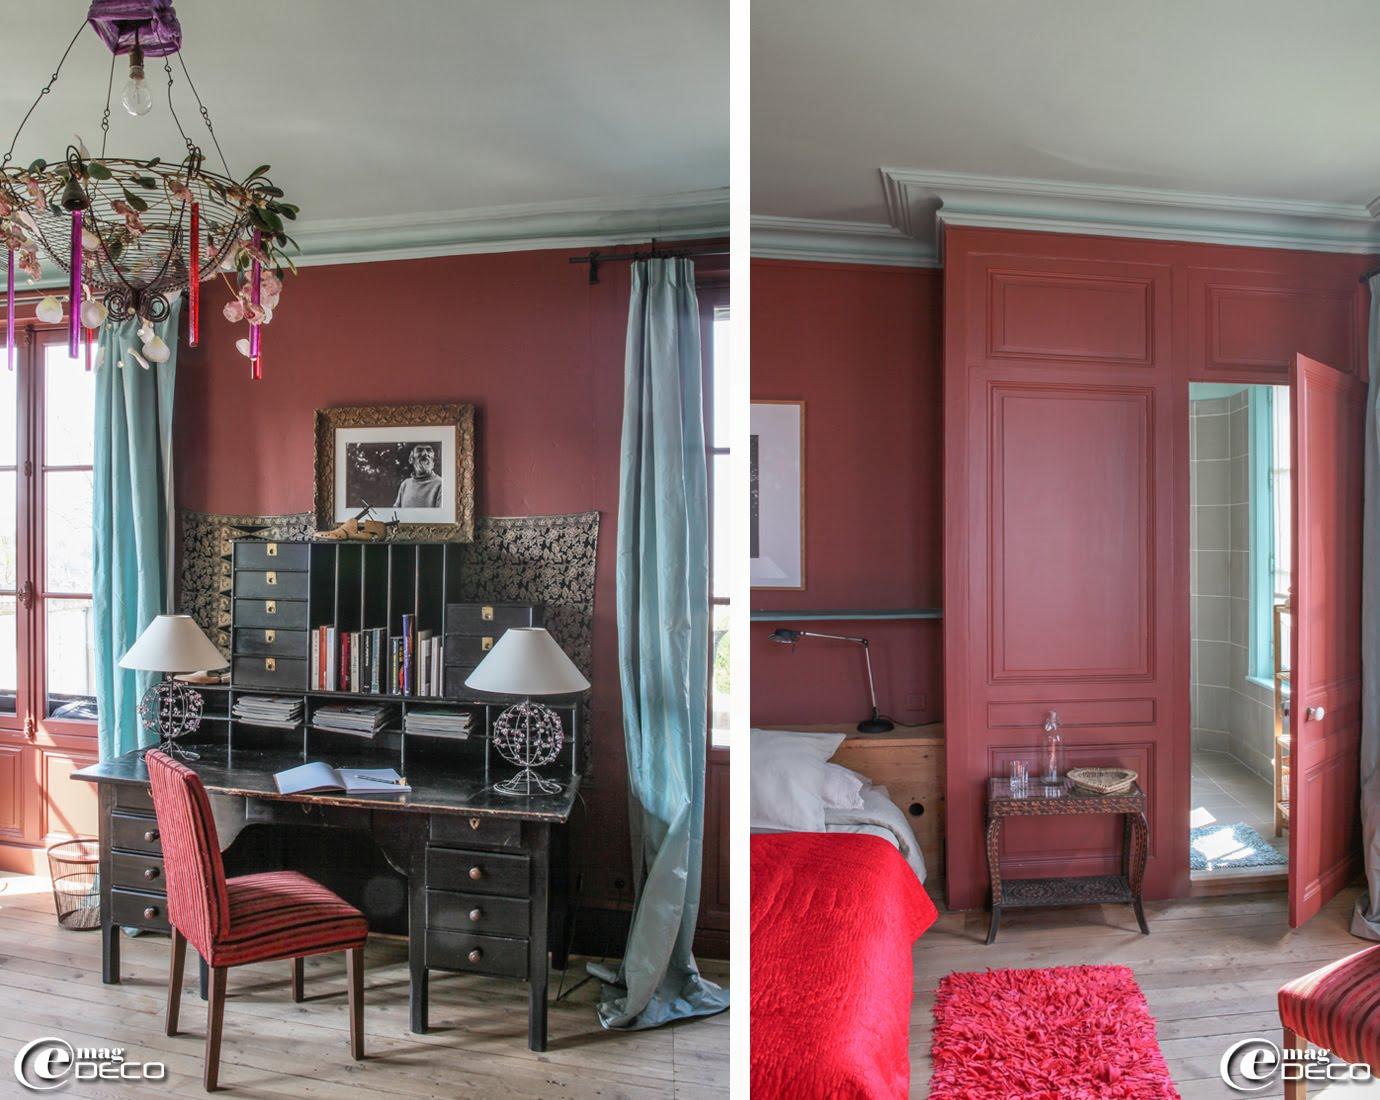 La chambre 'Terrasse' de la maison d'hôtes 'Le Clos Bourdet' à Honfleur est dotée d'une grande terrasse privative surplombant la ville